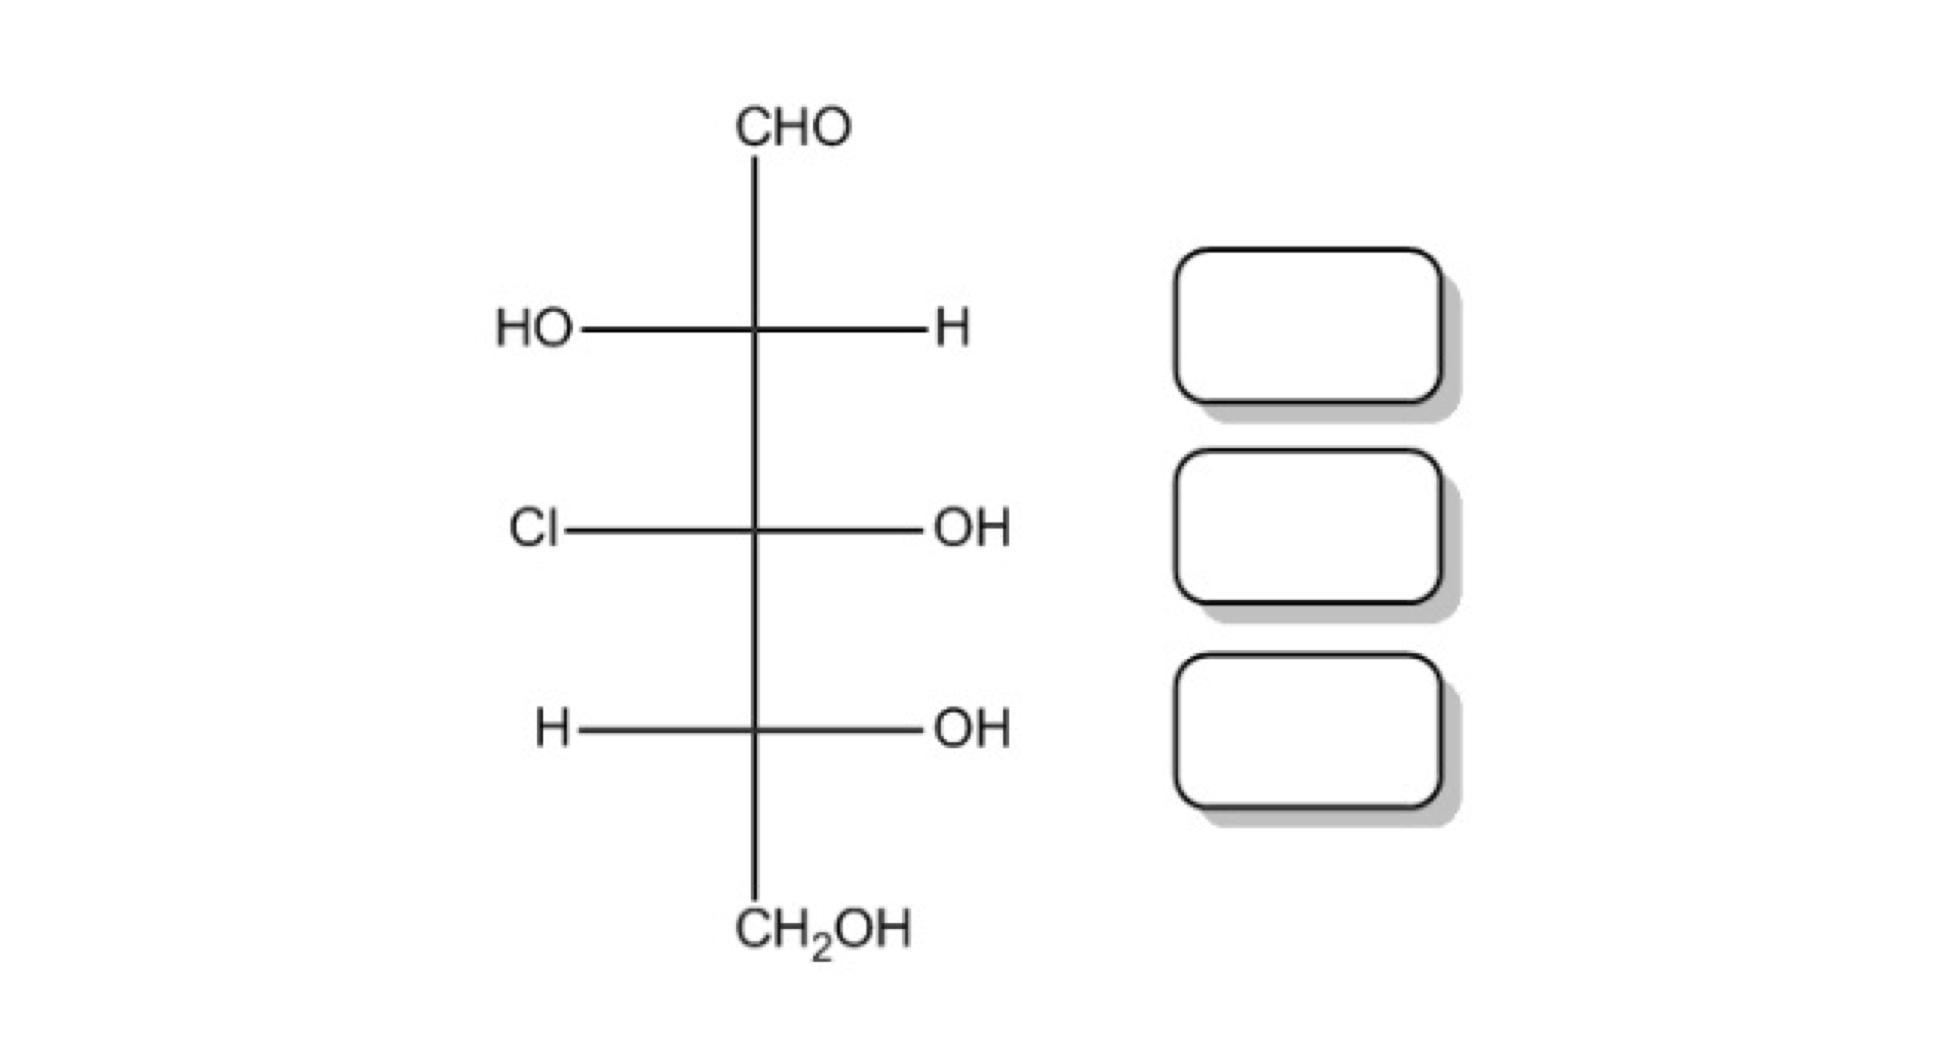 3-chloro-2,3,4,5-tetrahydroxypentanal-without-stereochemistry